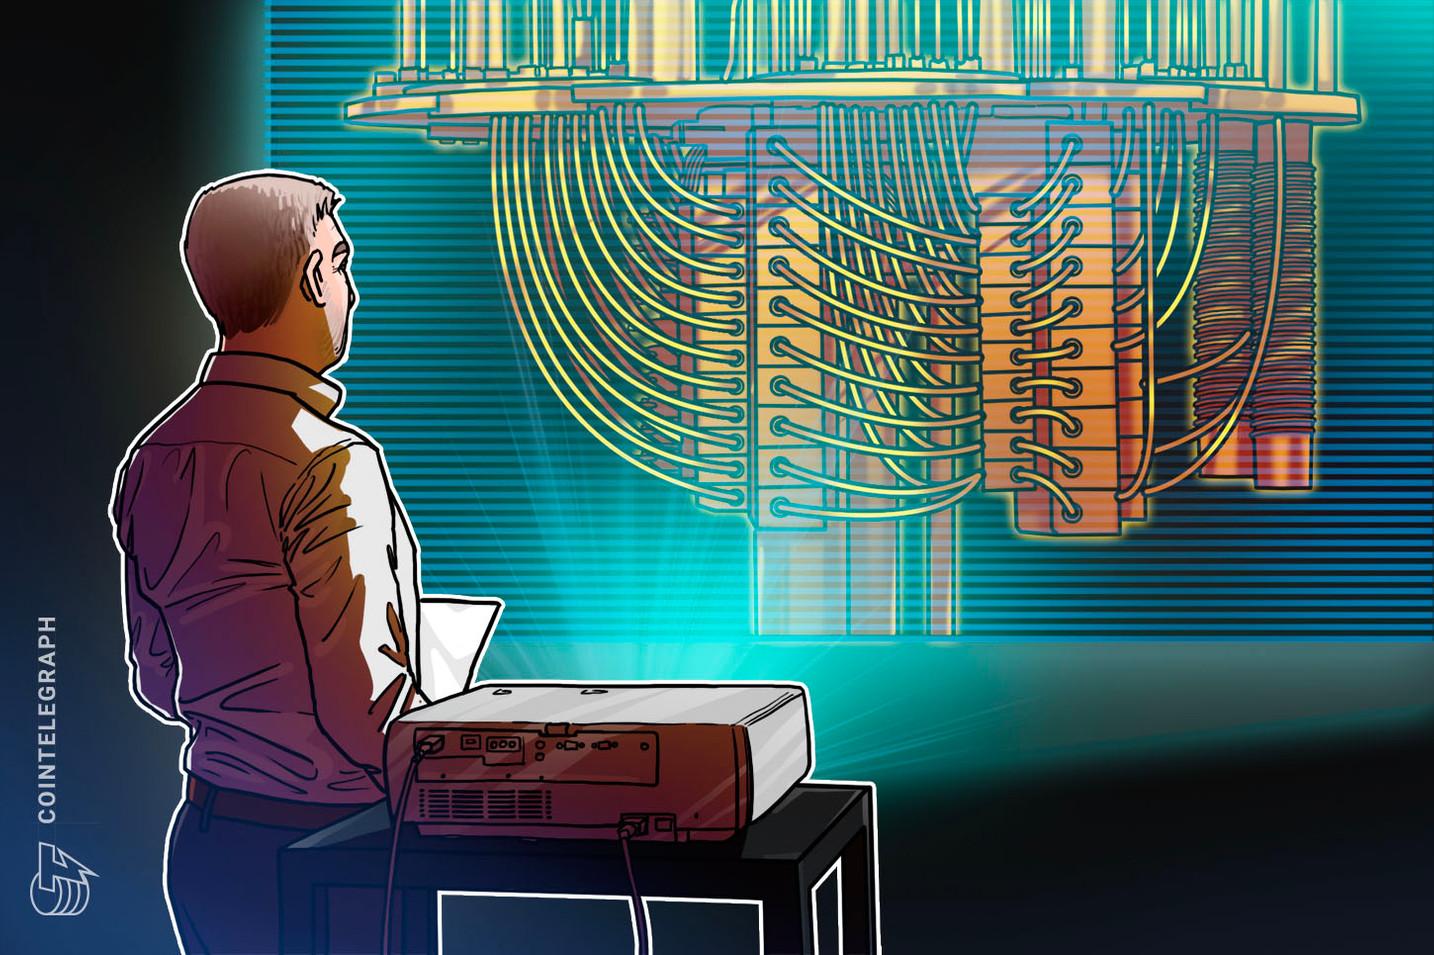 La Internet Computer de Dfinity podría ser una alternativa verdaderamente descentralizada